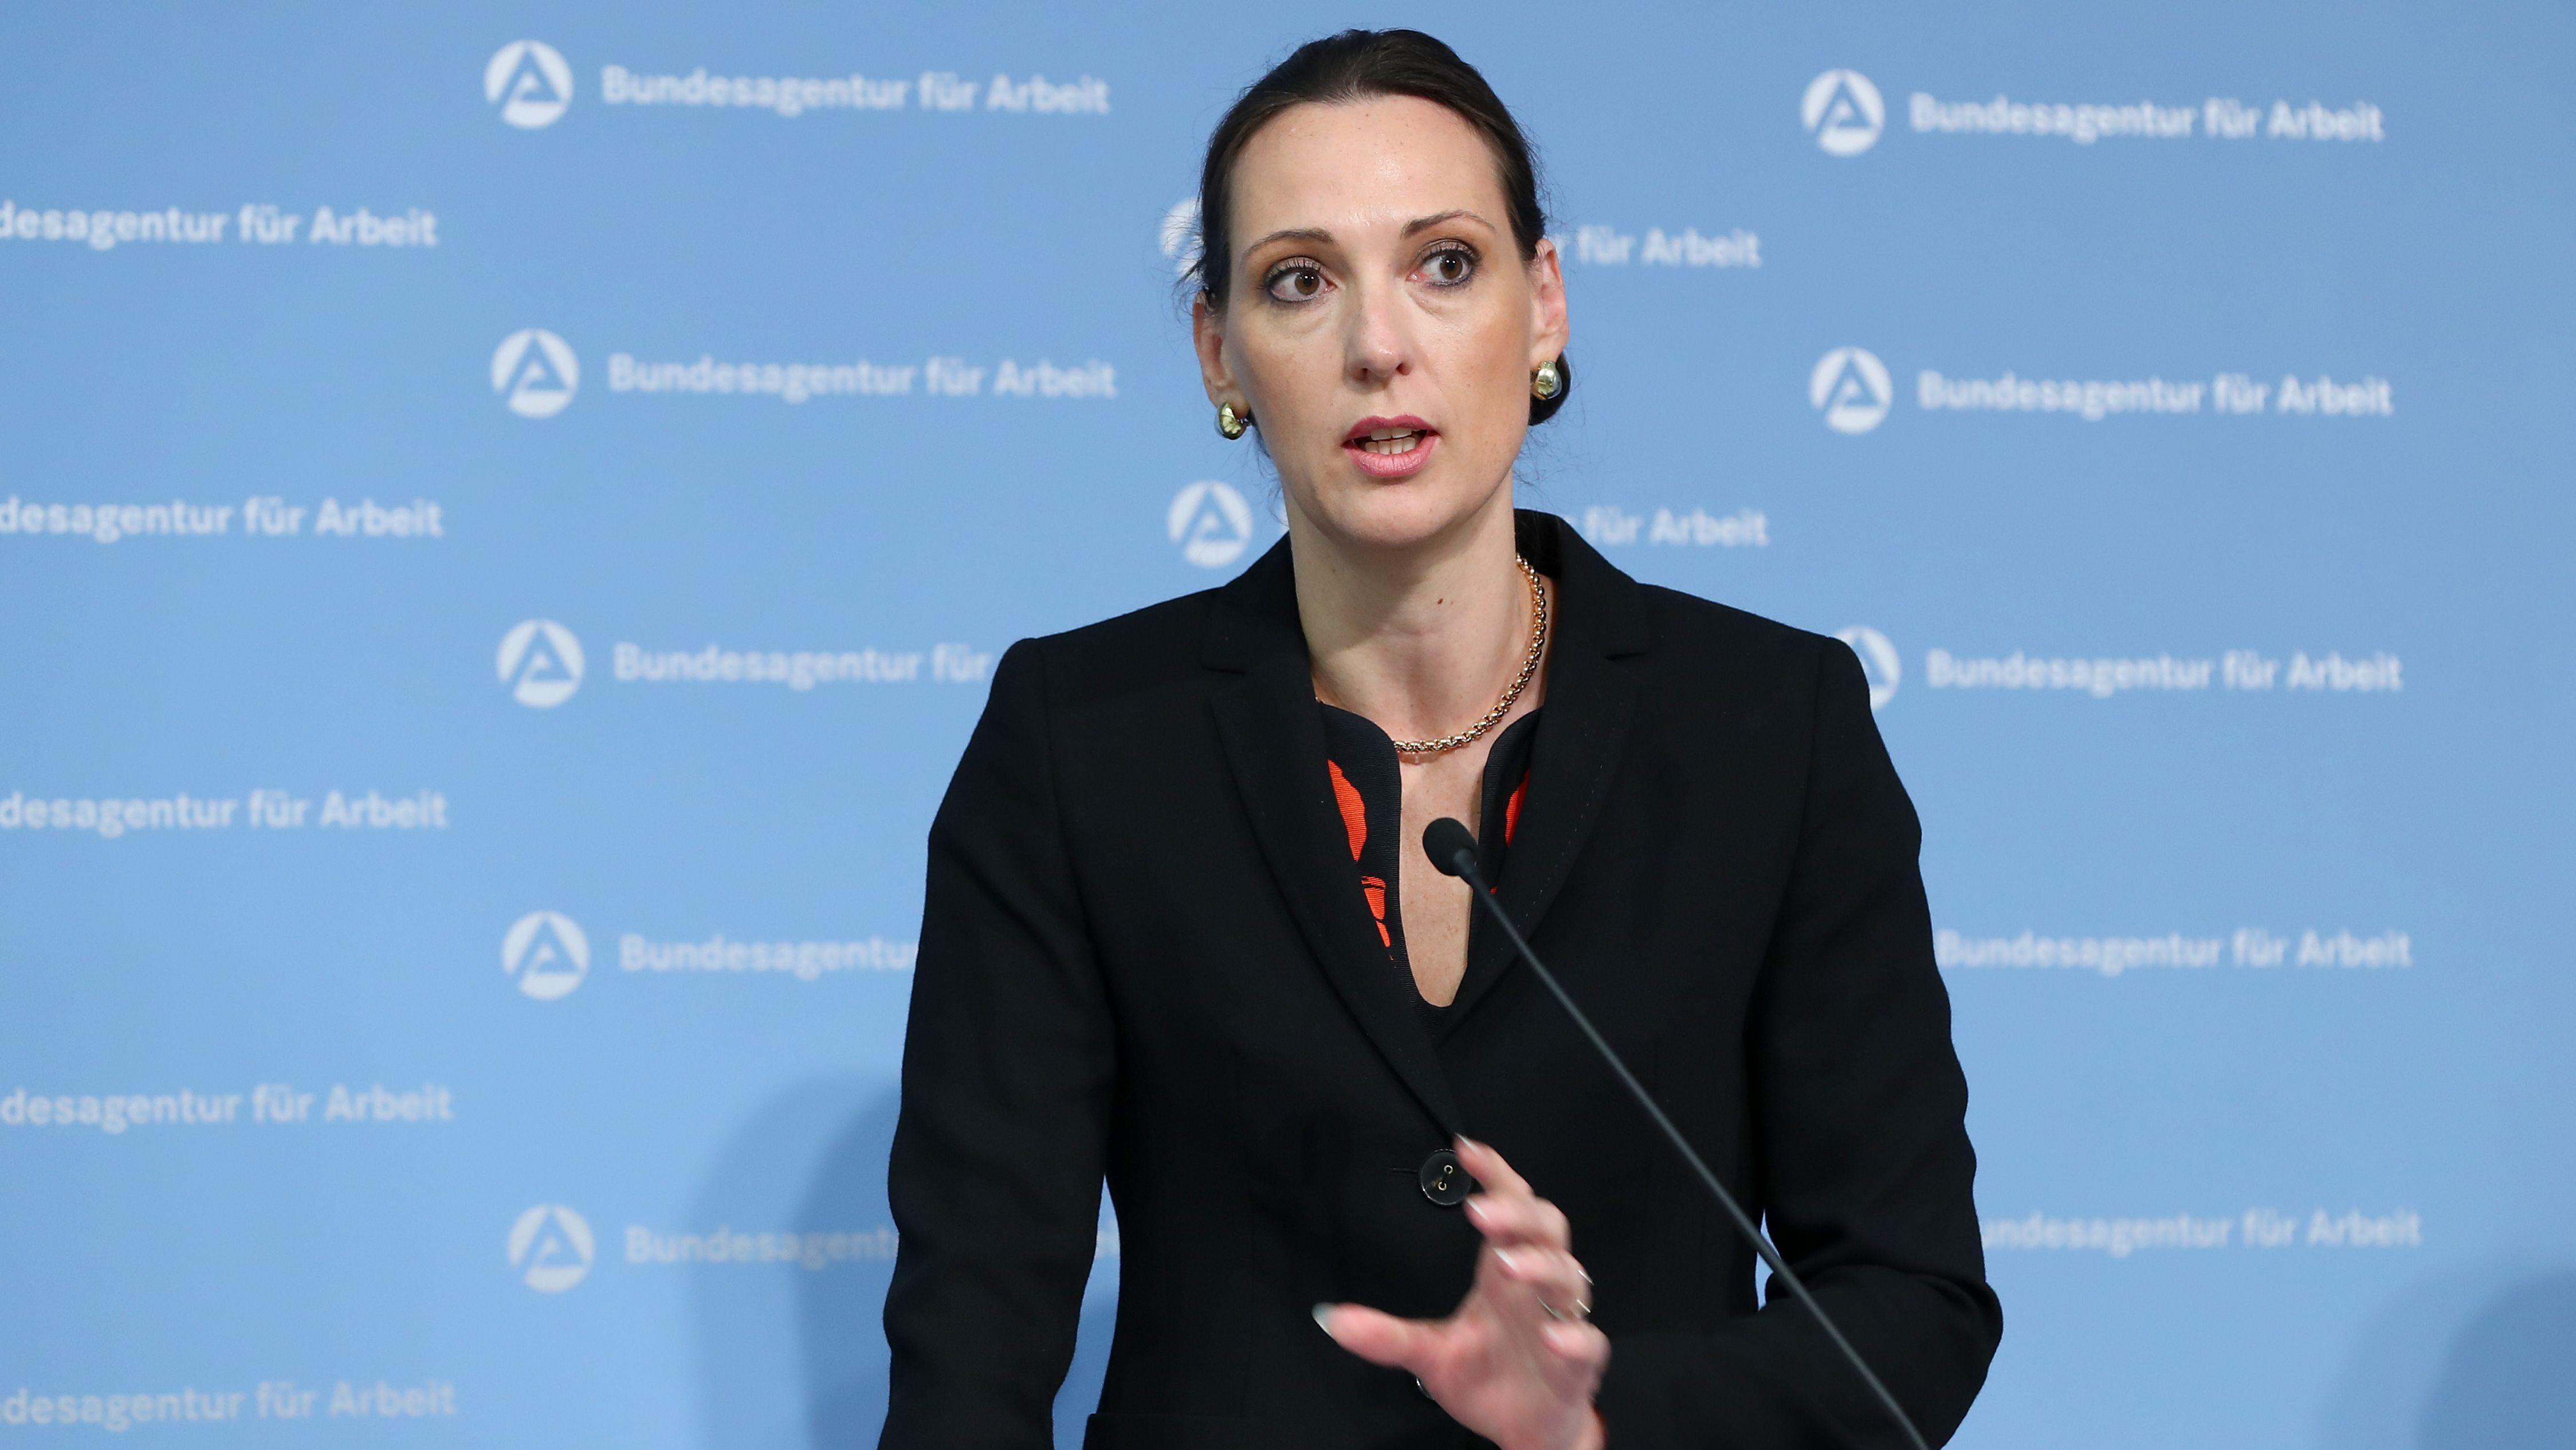 Valerie Holsboer, Vorstandsmitglied (Controlling, Finanzen und Personal) der Bundesagentur für Arbeit